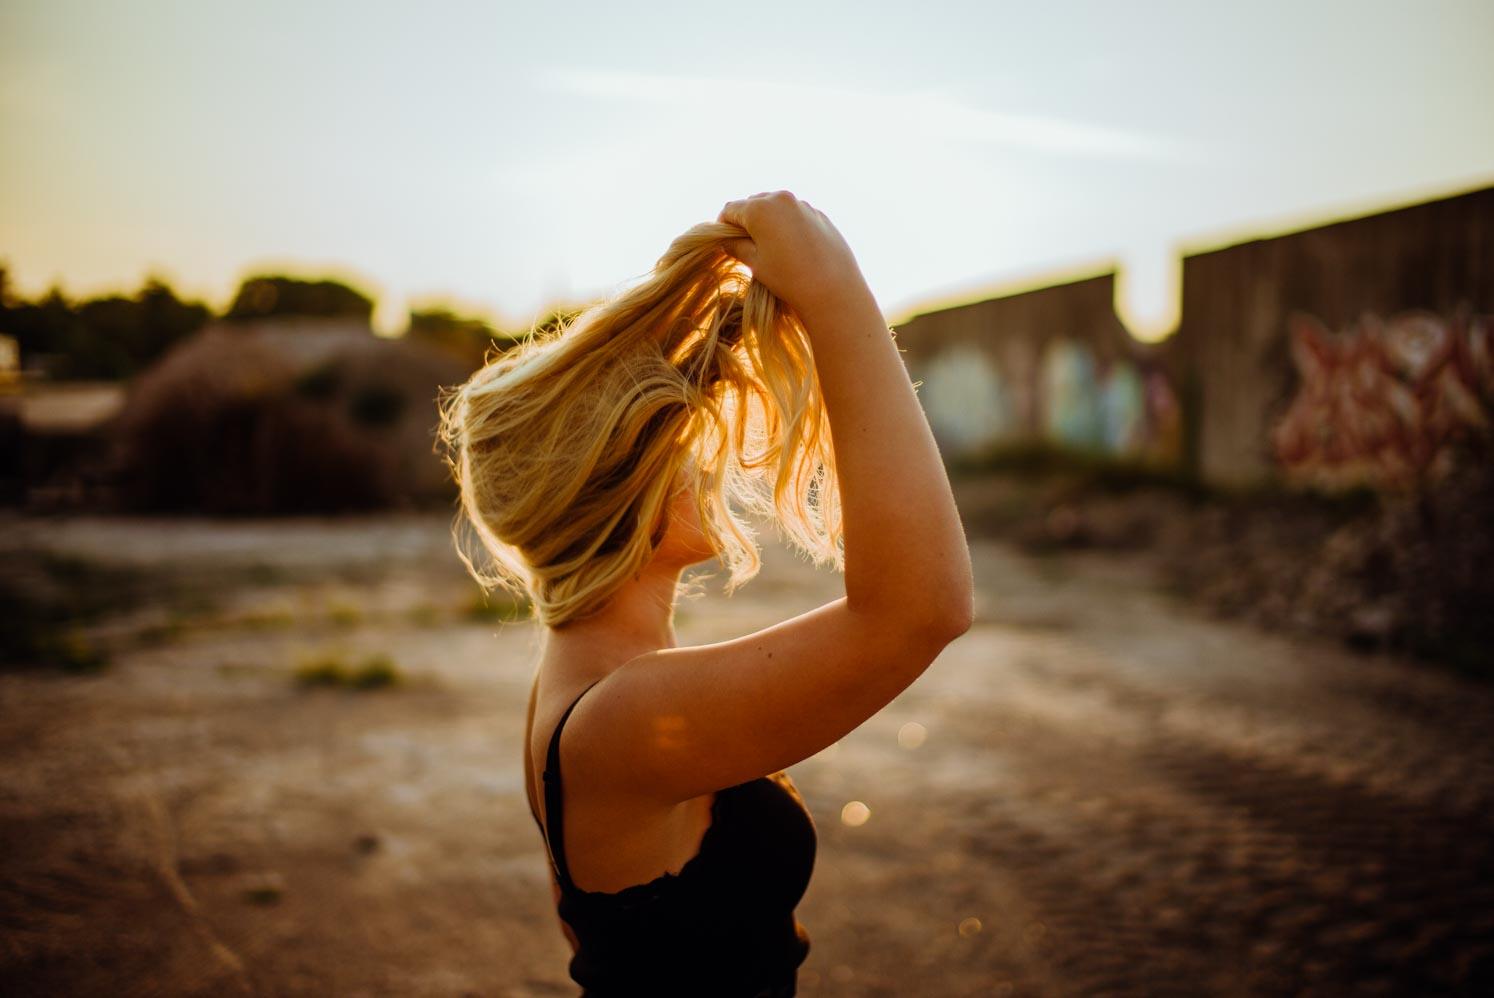 Frau wirbelt ihre Haare durch die Luft